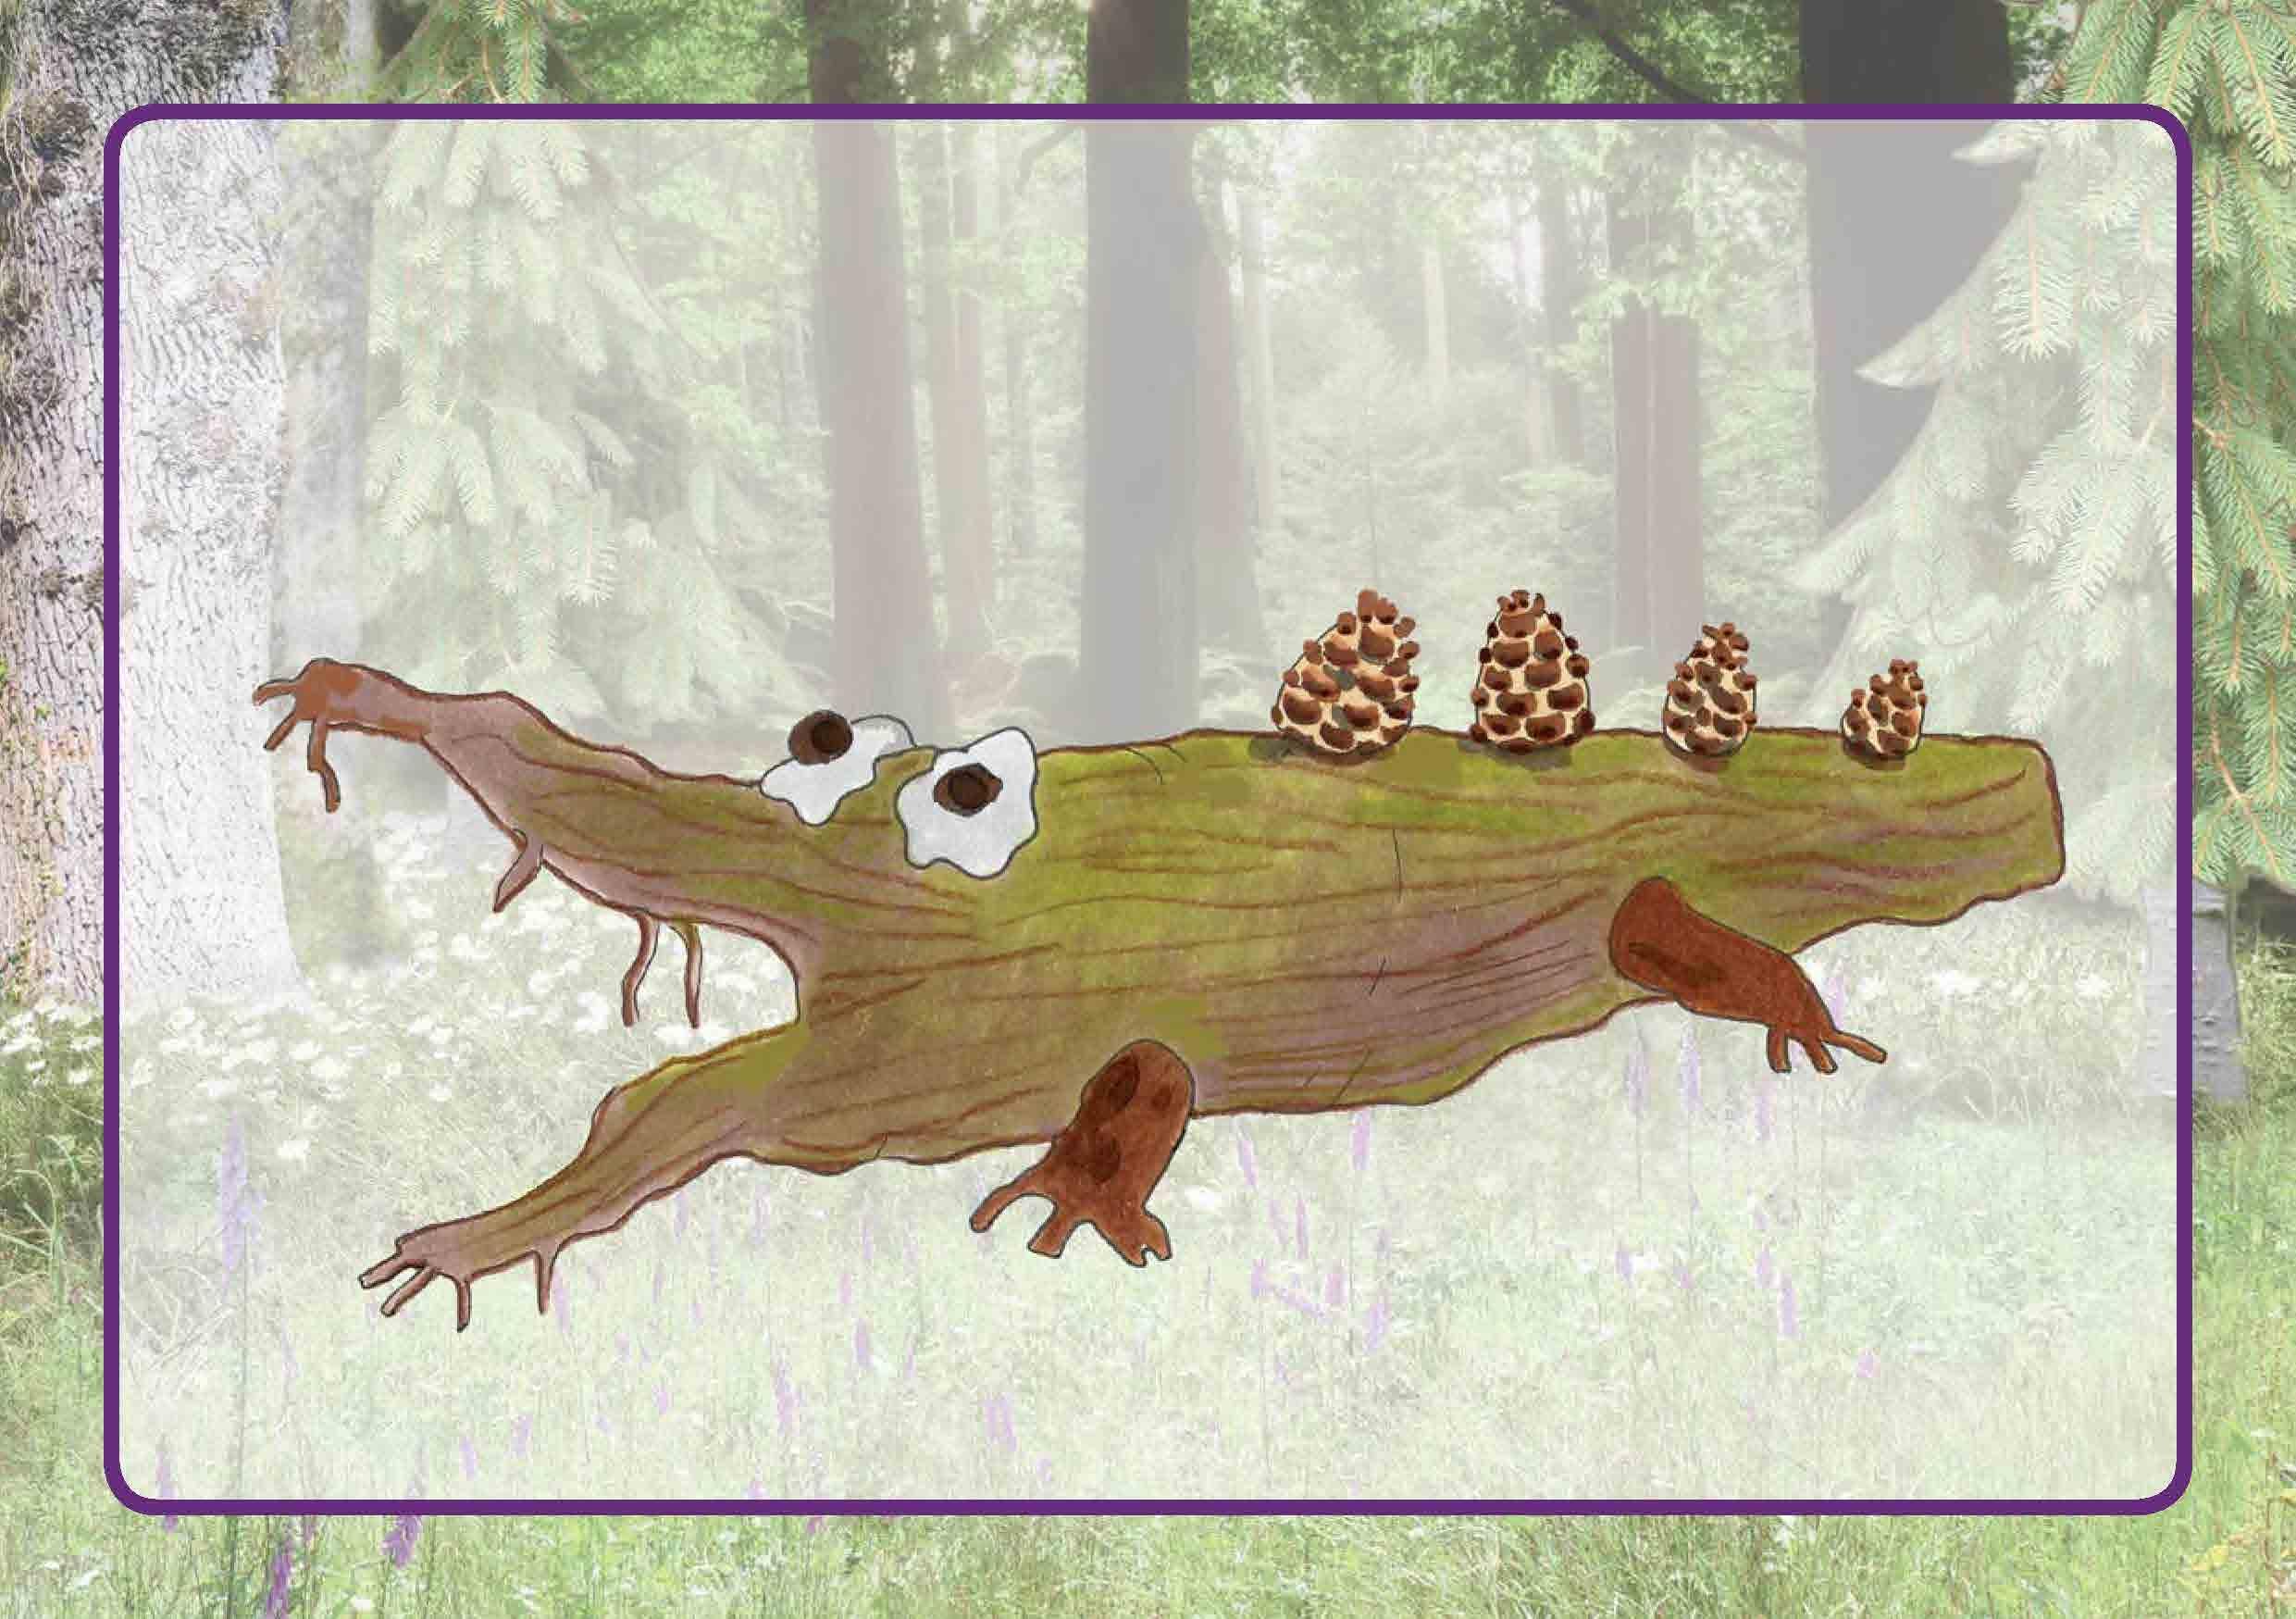 Innenansicht zu Raus in den Wald!